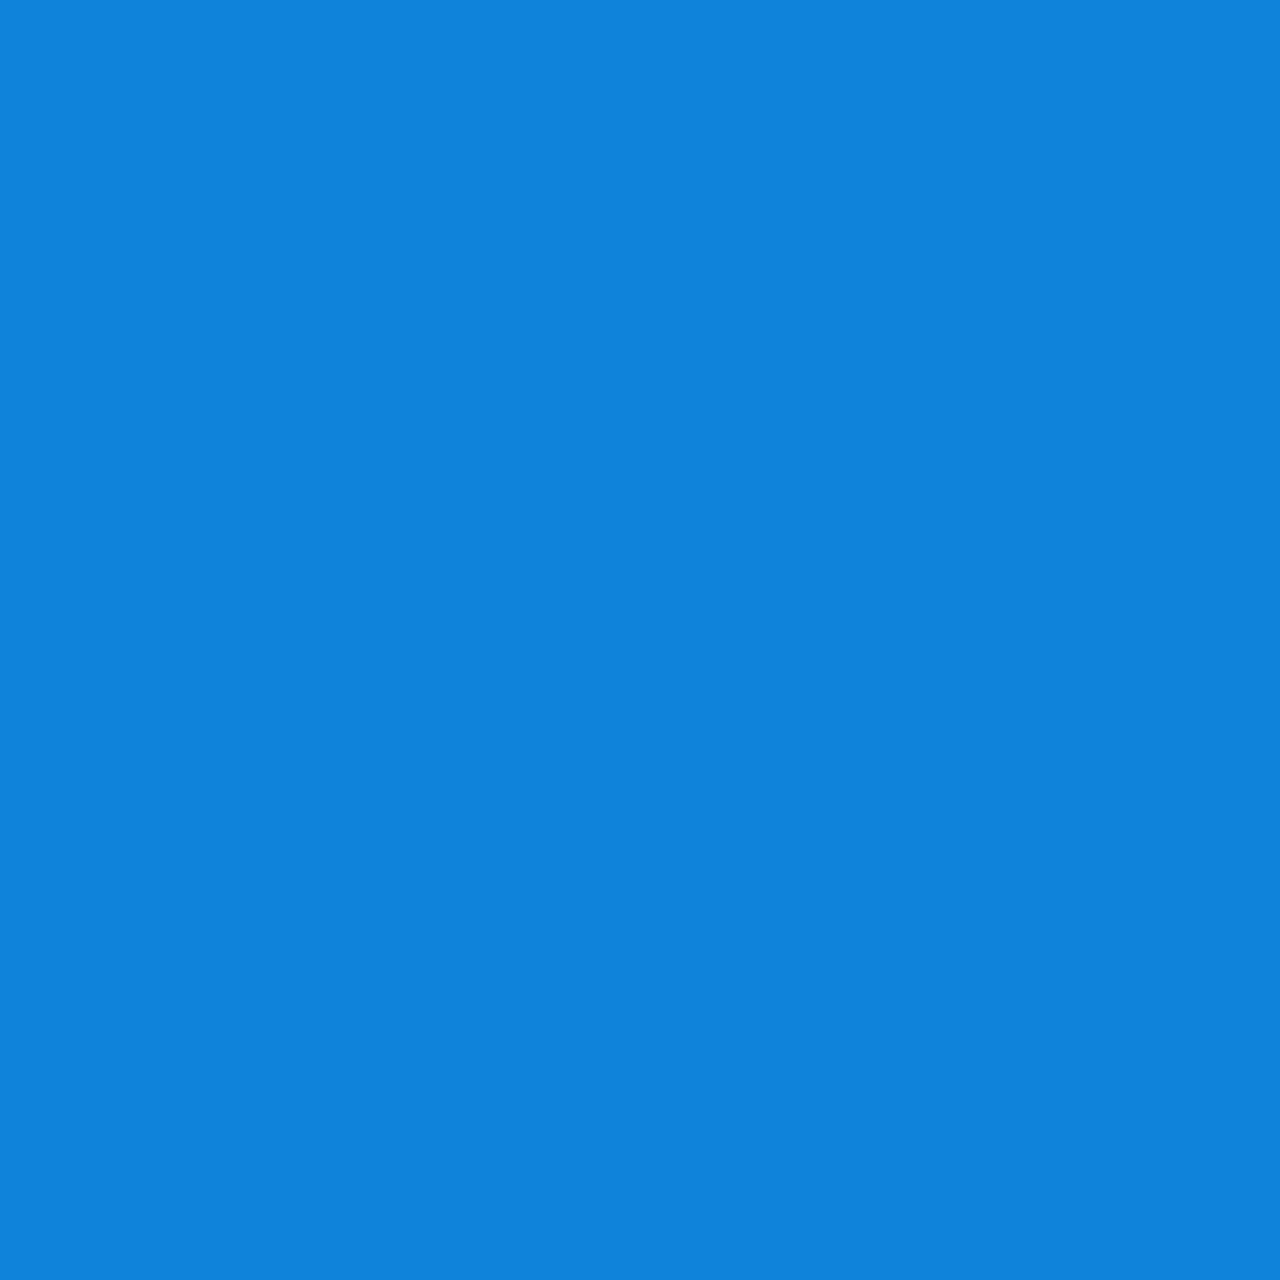 Team Blue Room